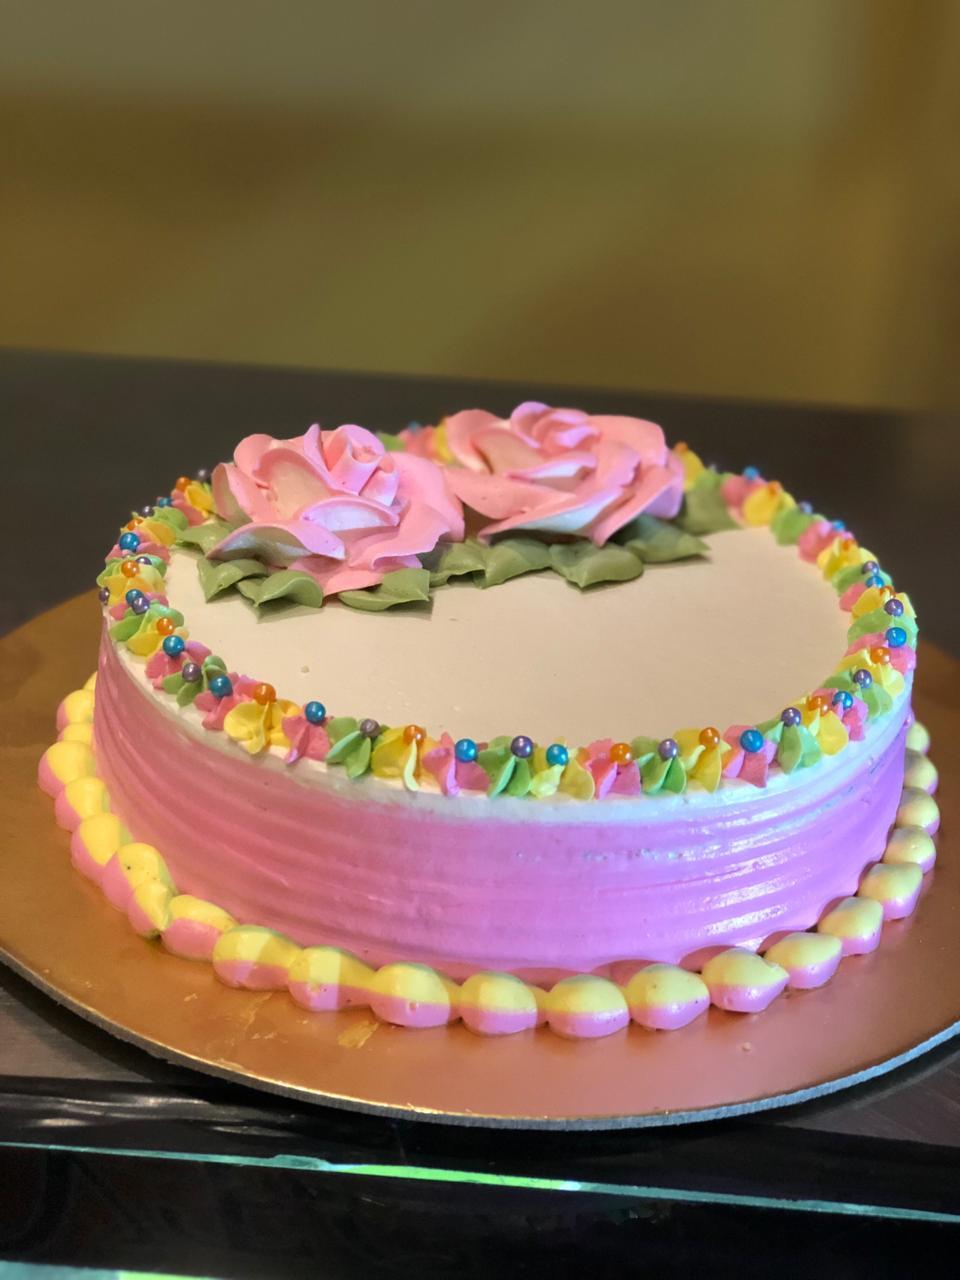 VANILLA CAKE 1 LB